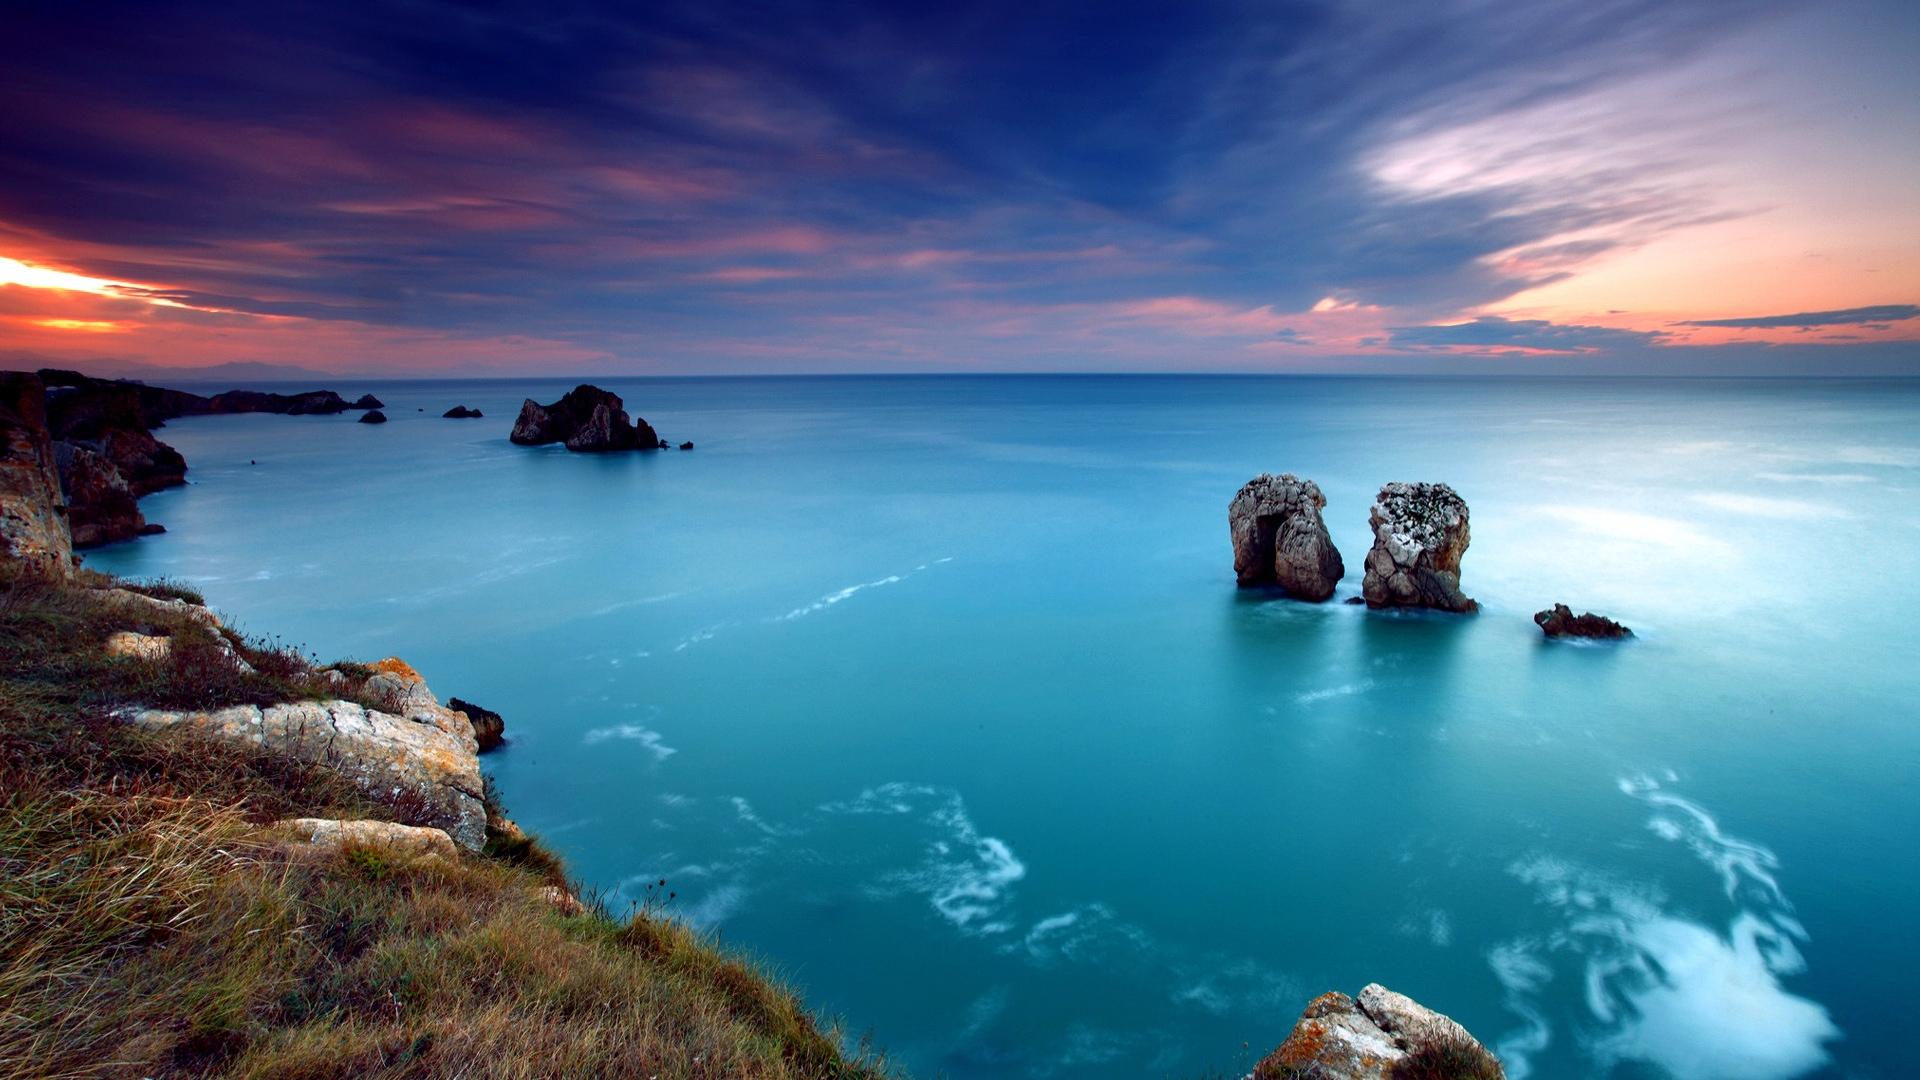 Ocean View Full HD Desktop Wallpapers 1080p 1920x1080